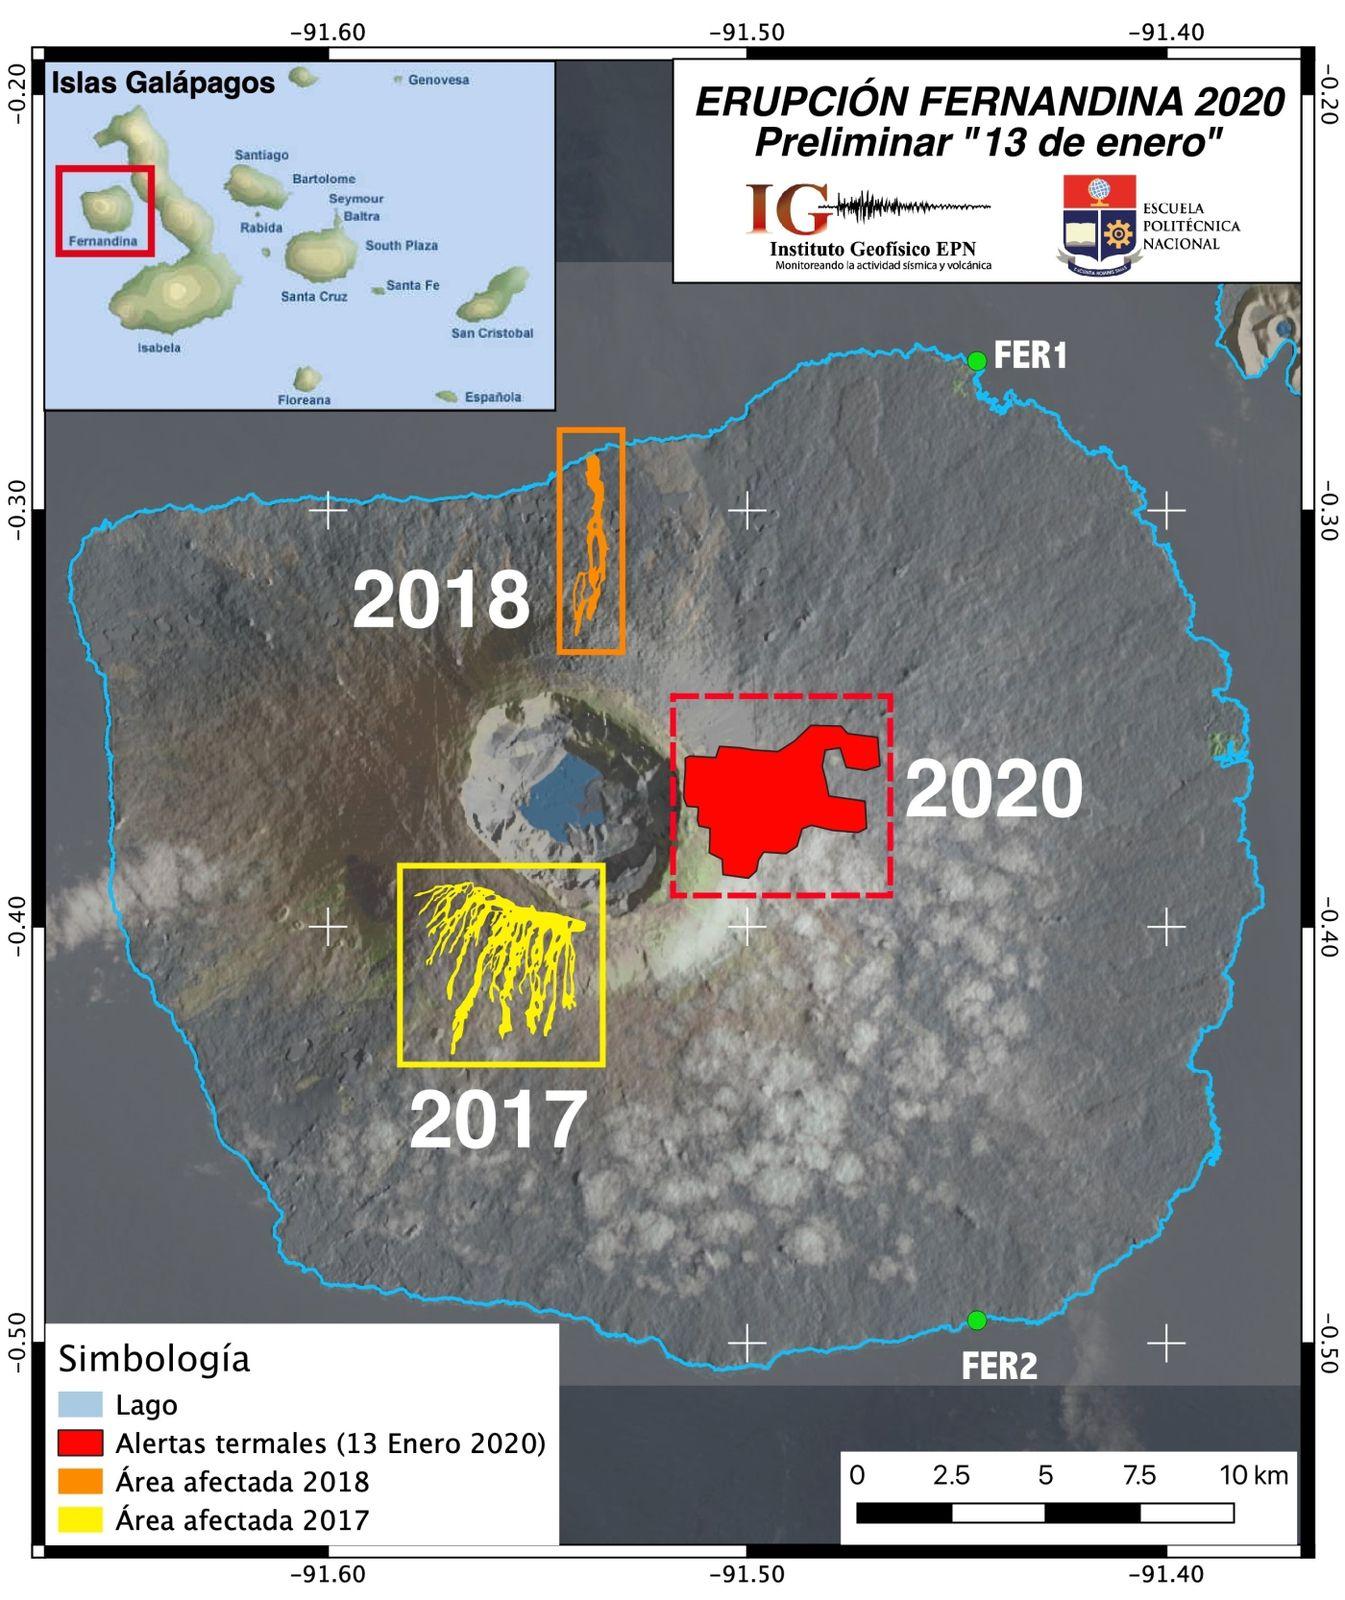 Fernandina - Zones avec présence d'alertes thermiques détéctées par FIRMS, lors des éruptions de 2017, 2018 et 2020 - Doc. Nasa / IGEPN - F.  Vásconez